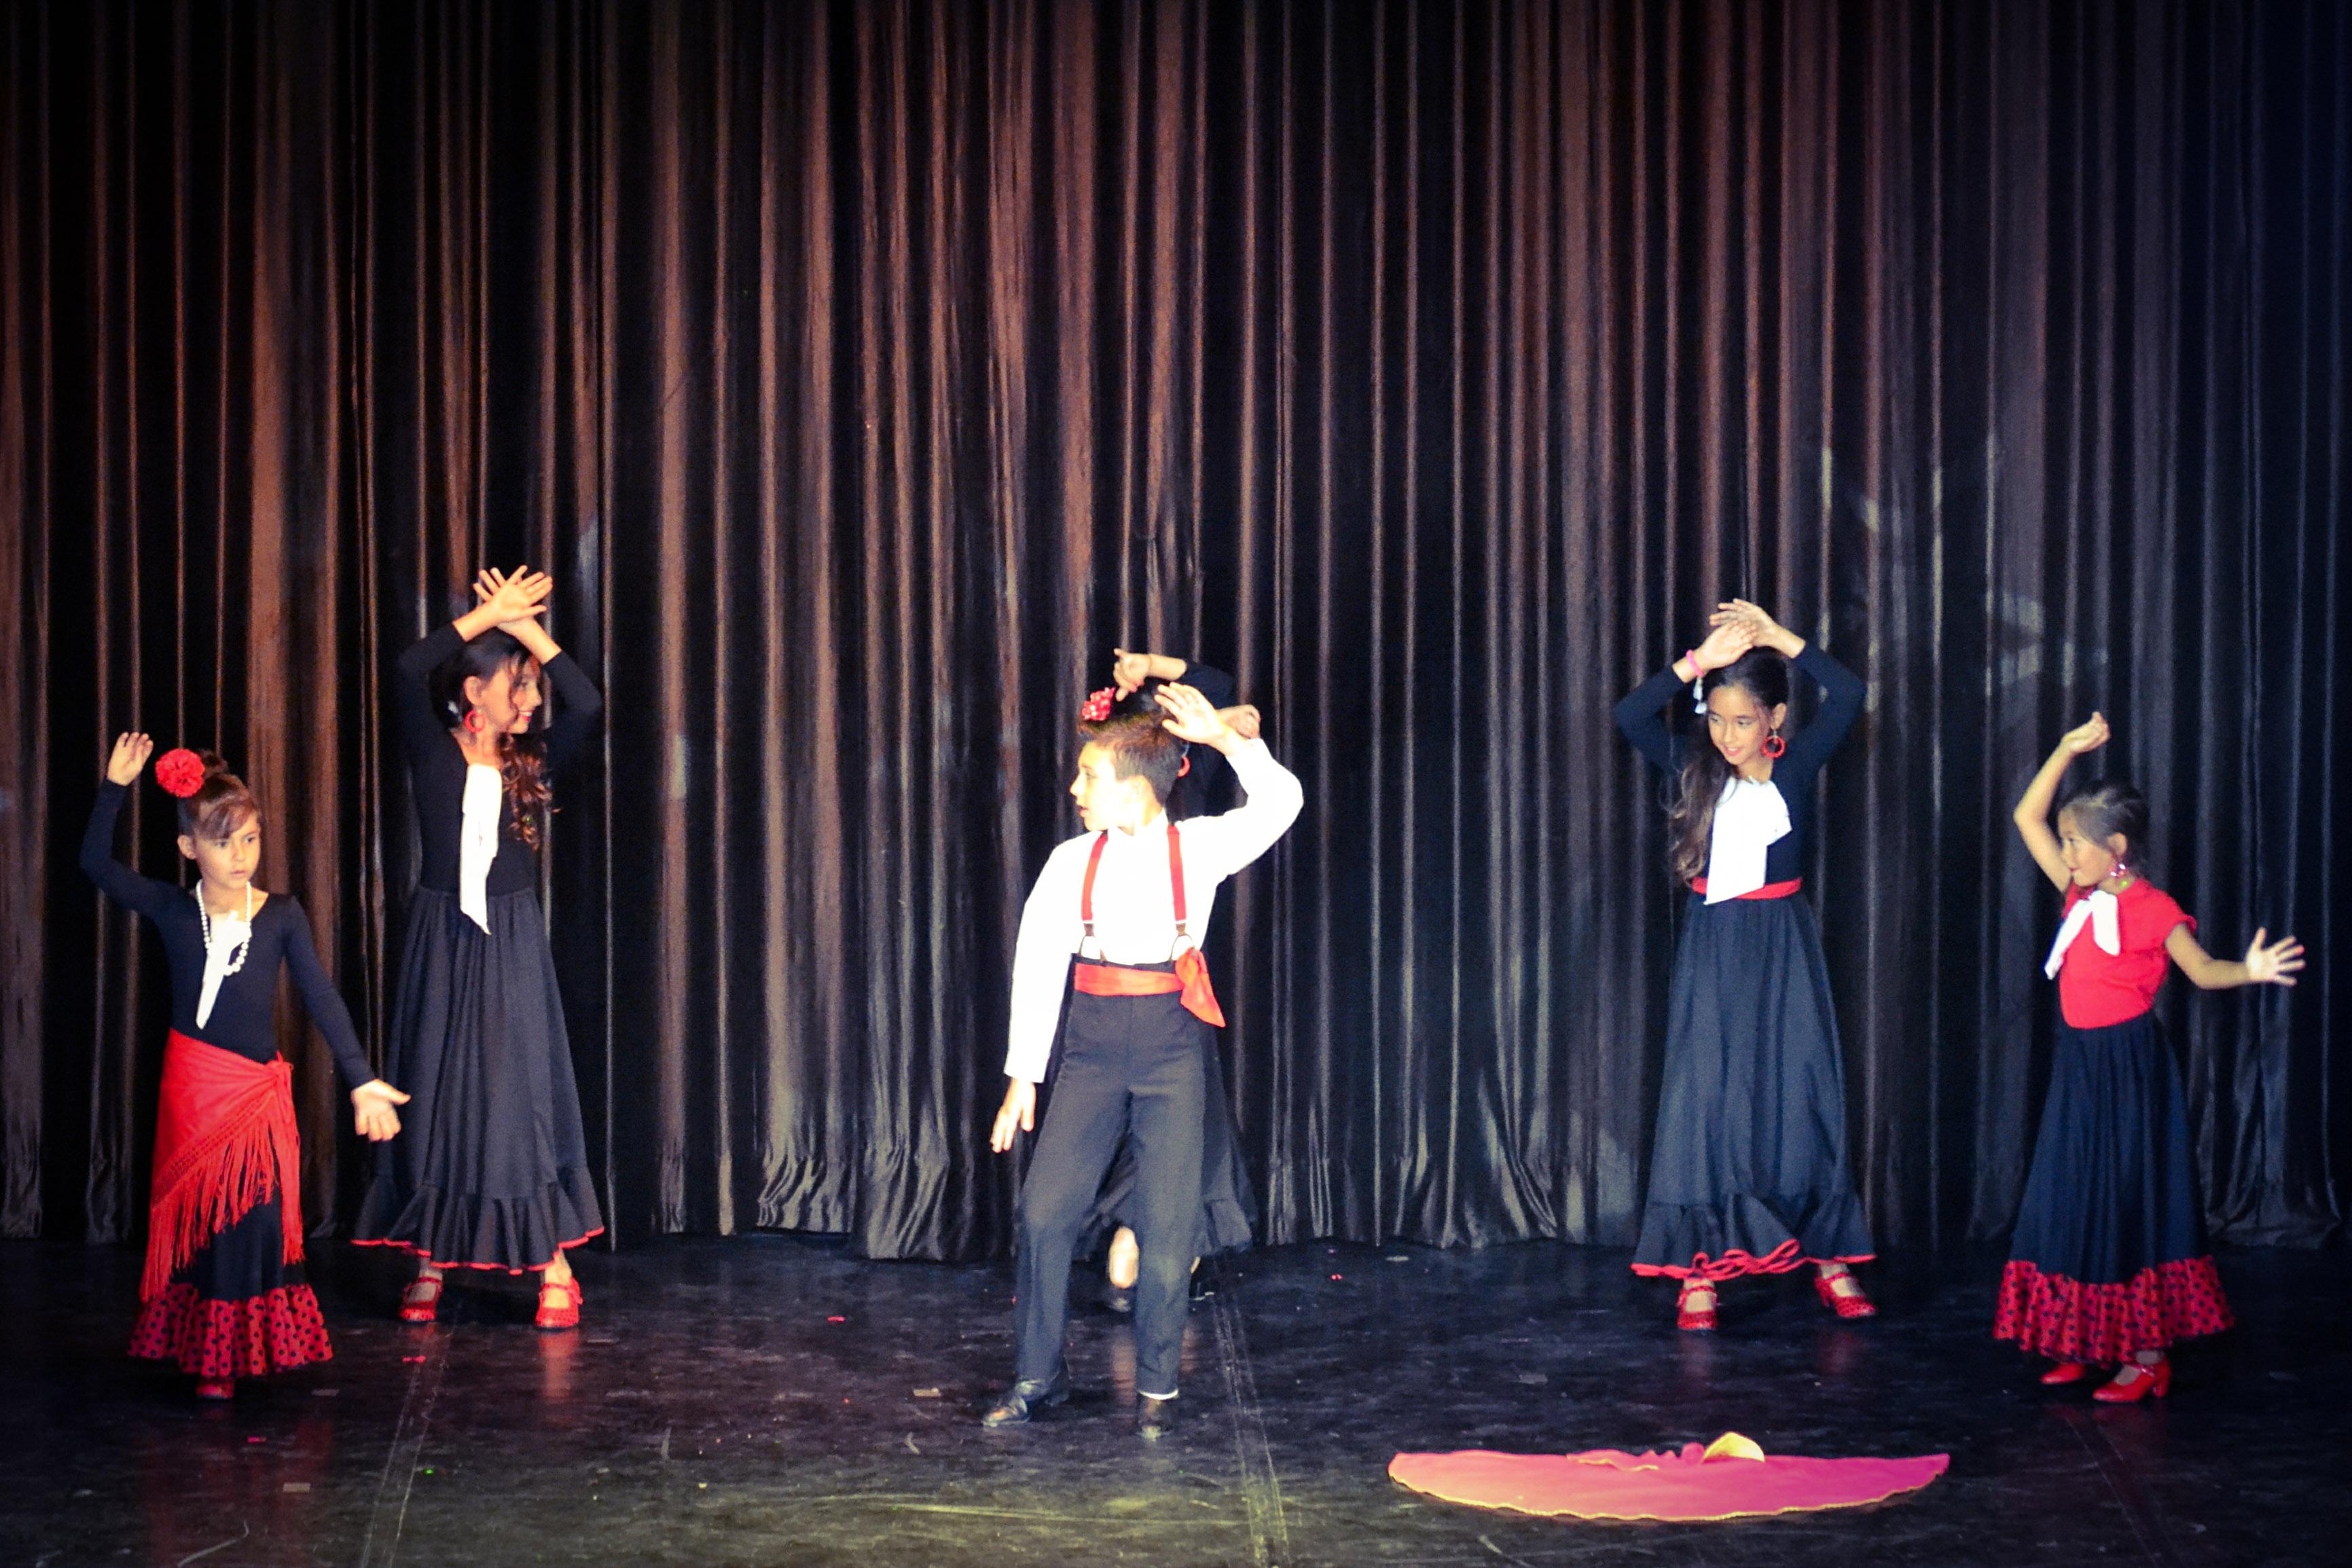 Linea-de-Baile-festival-verano-2015-clases-de-baile-valencia-177